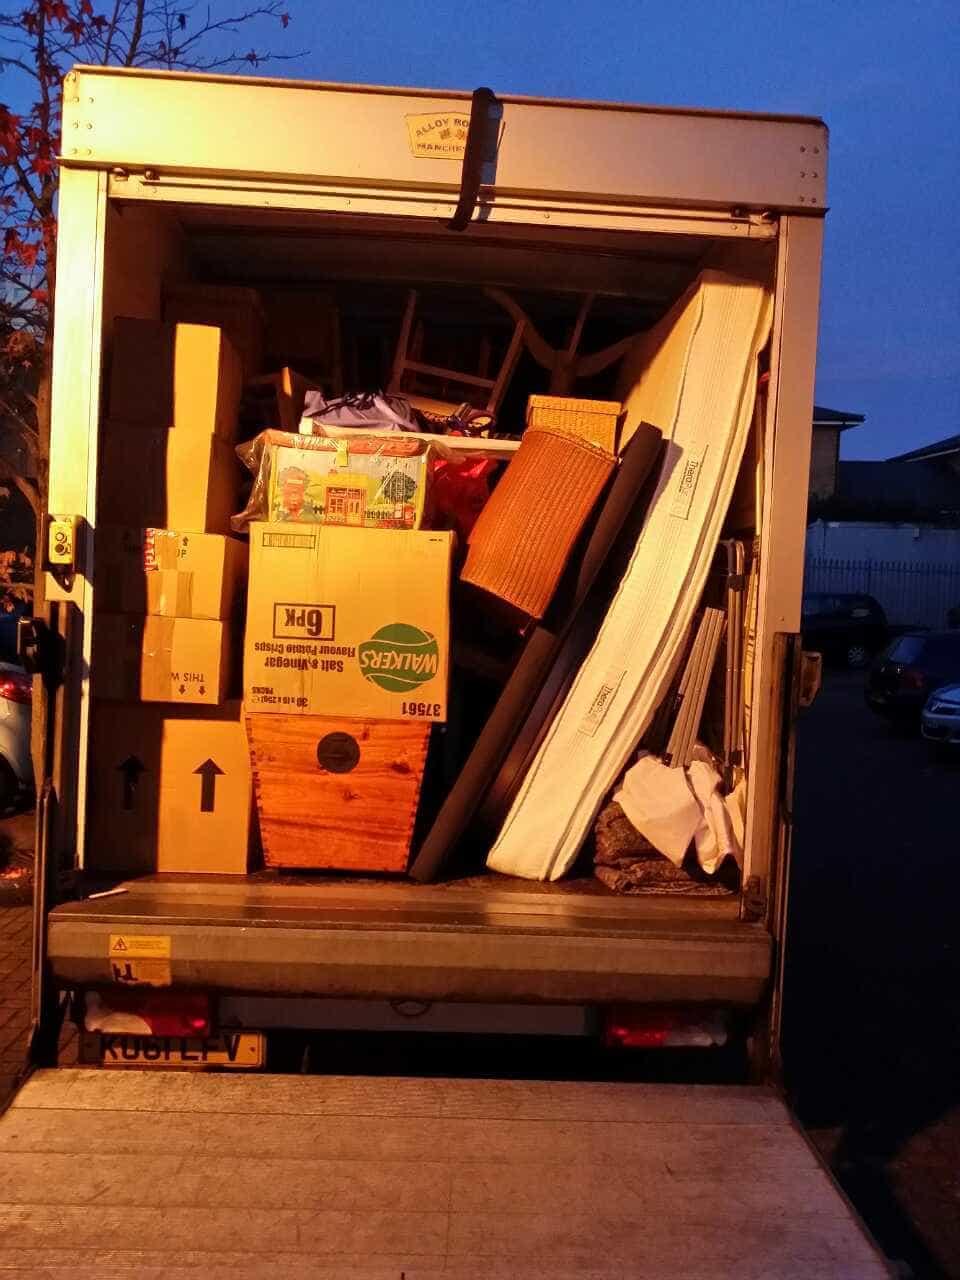 Queensbury van with man HA3